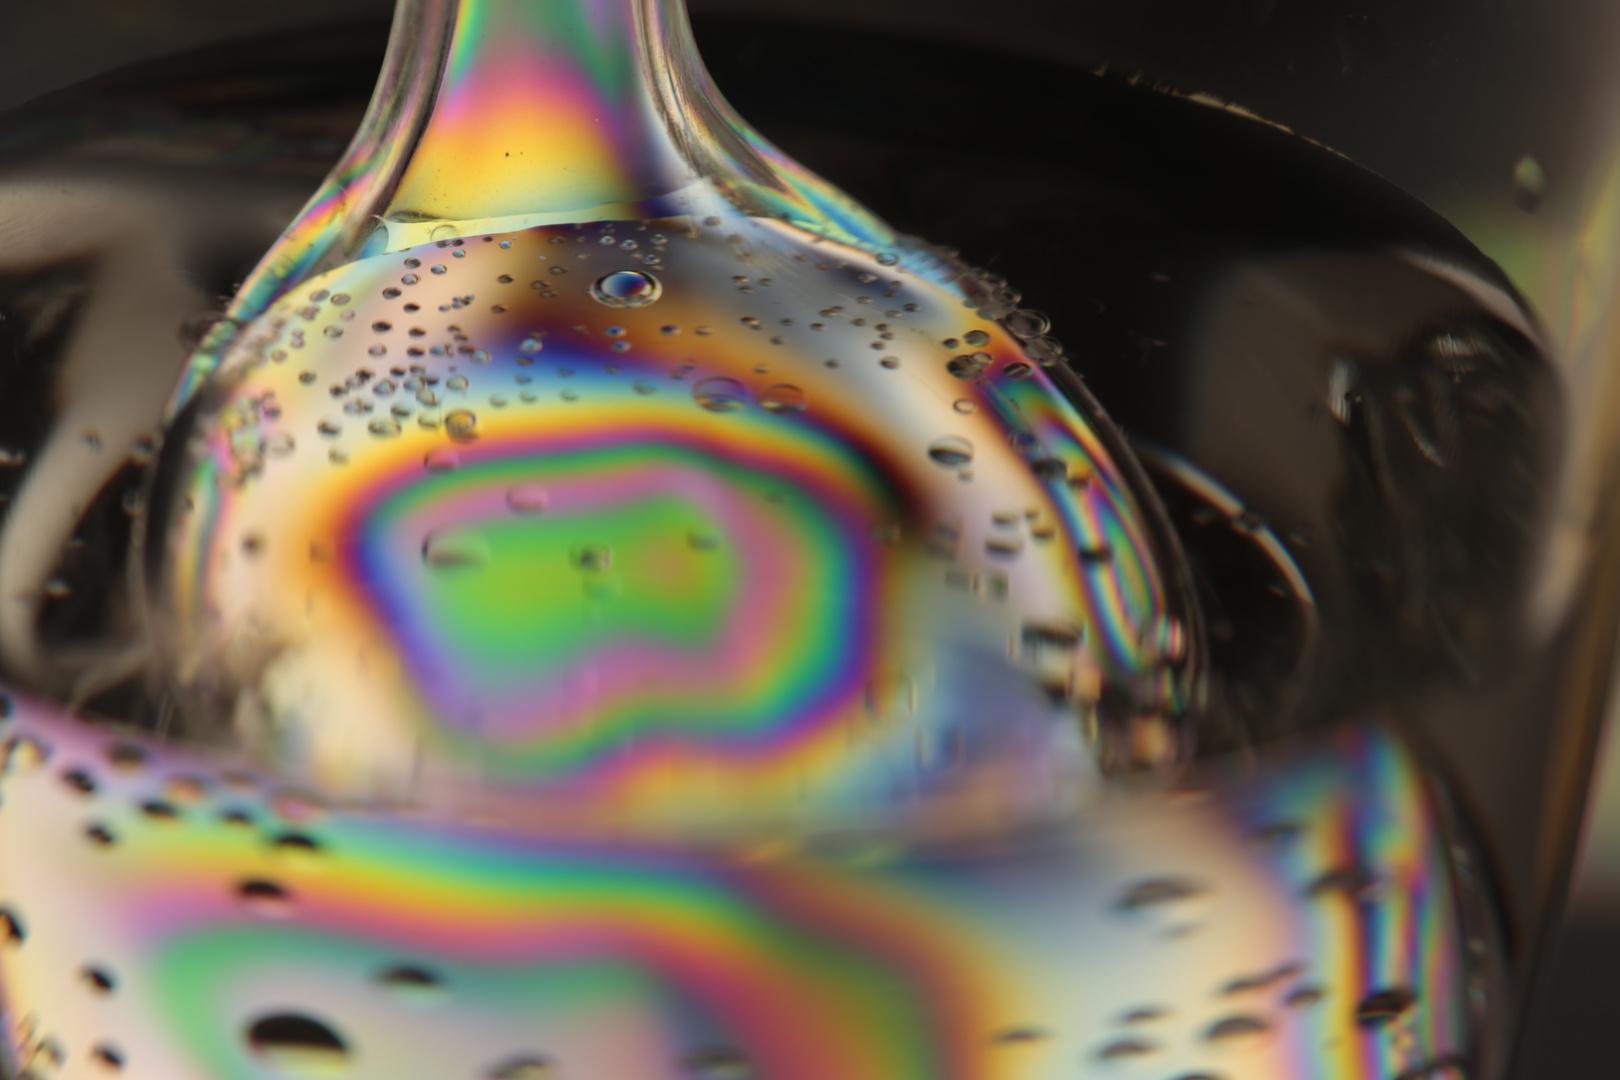 Plastiklöffel im Glas